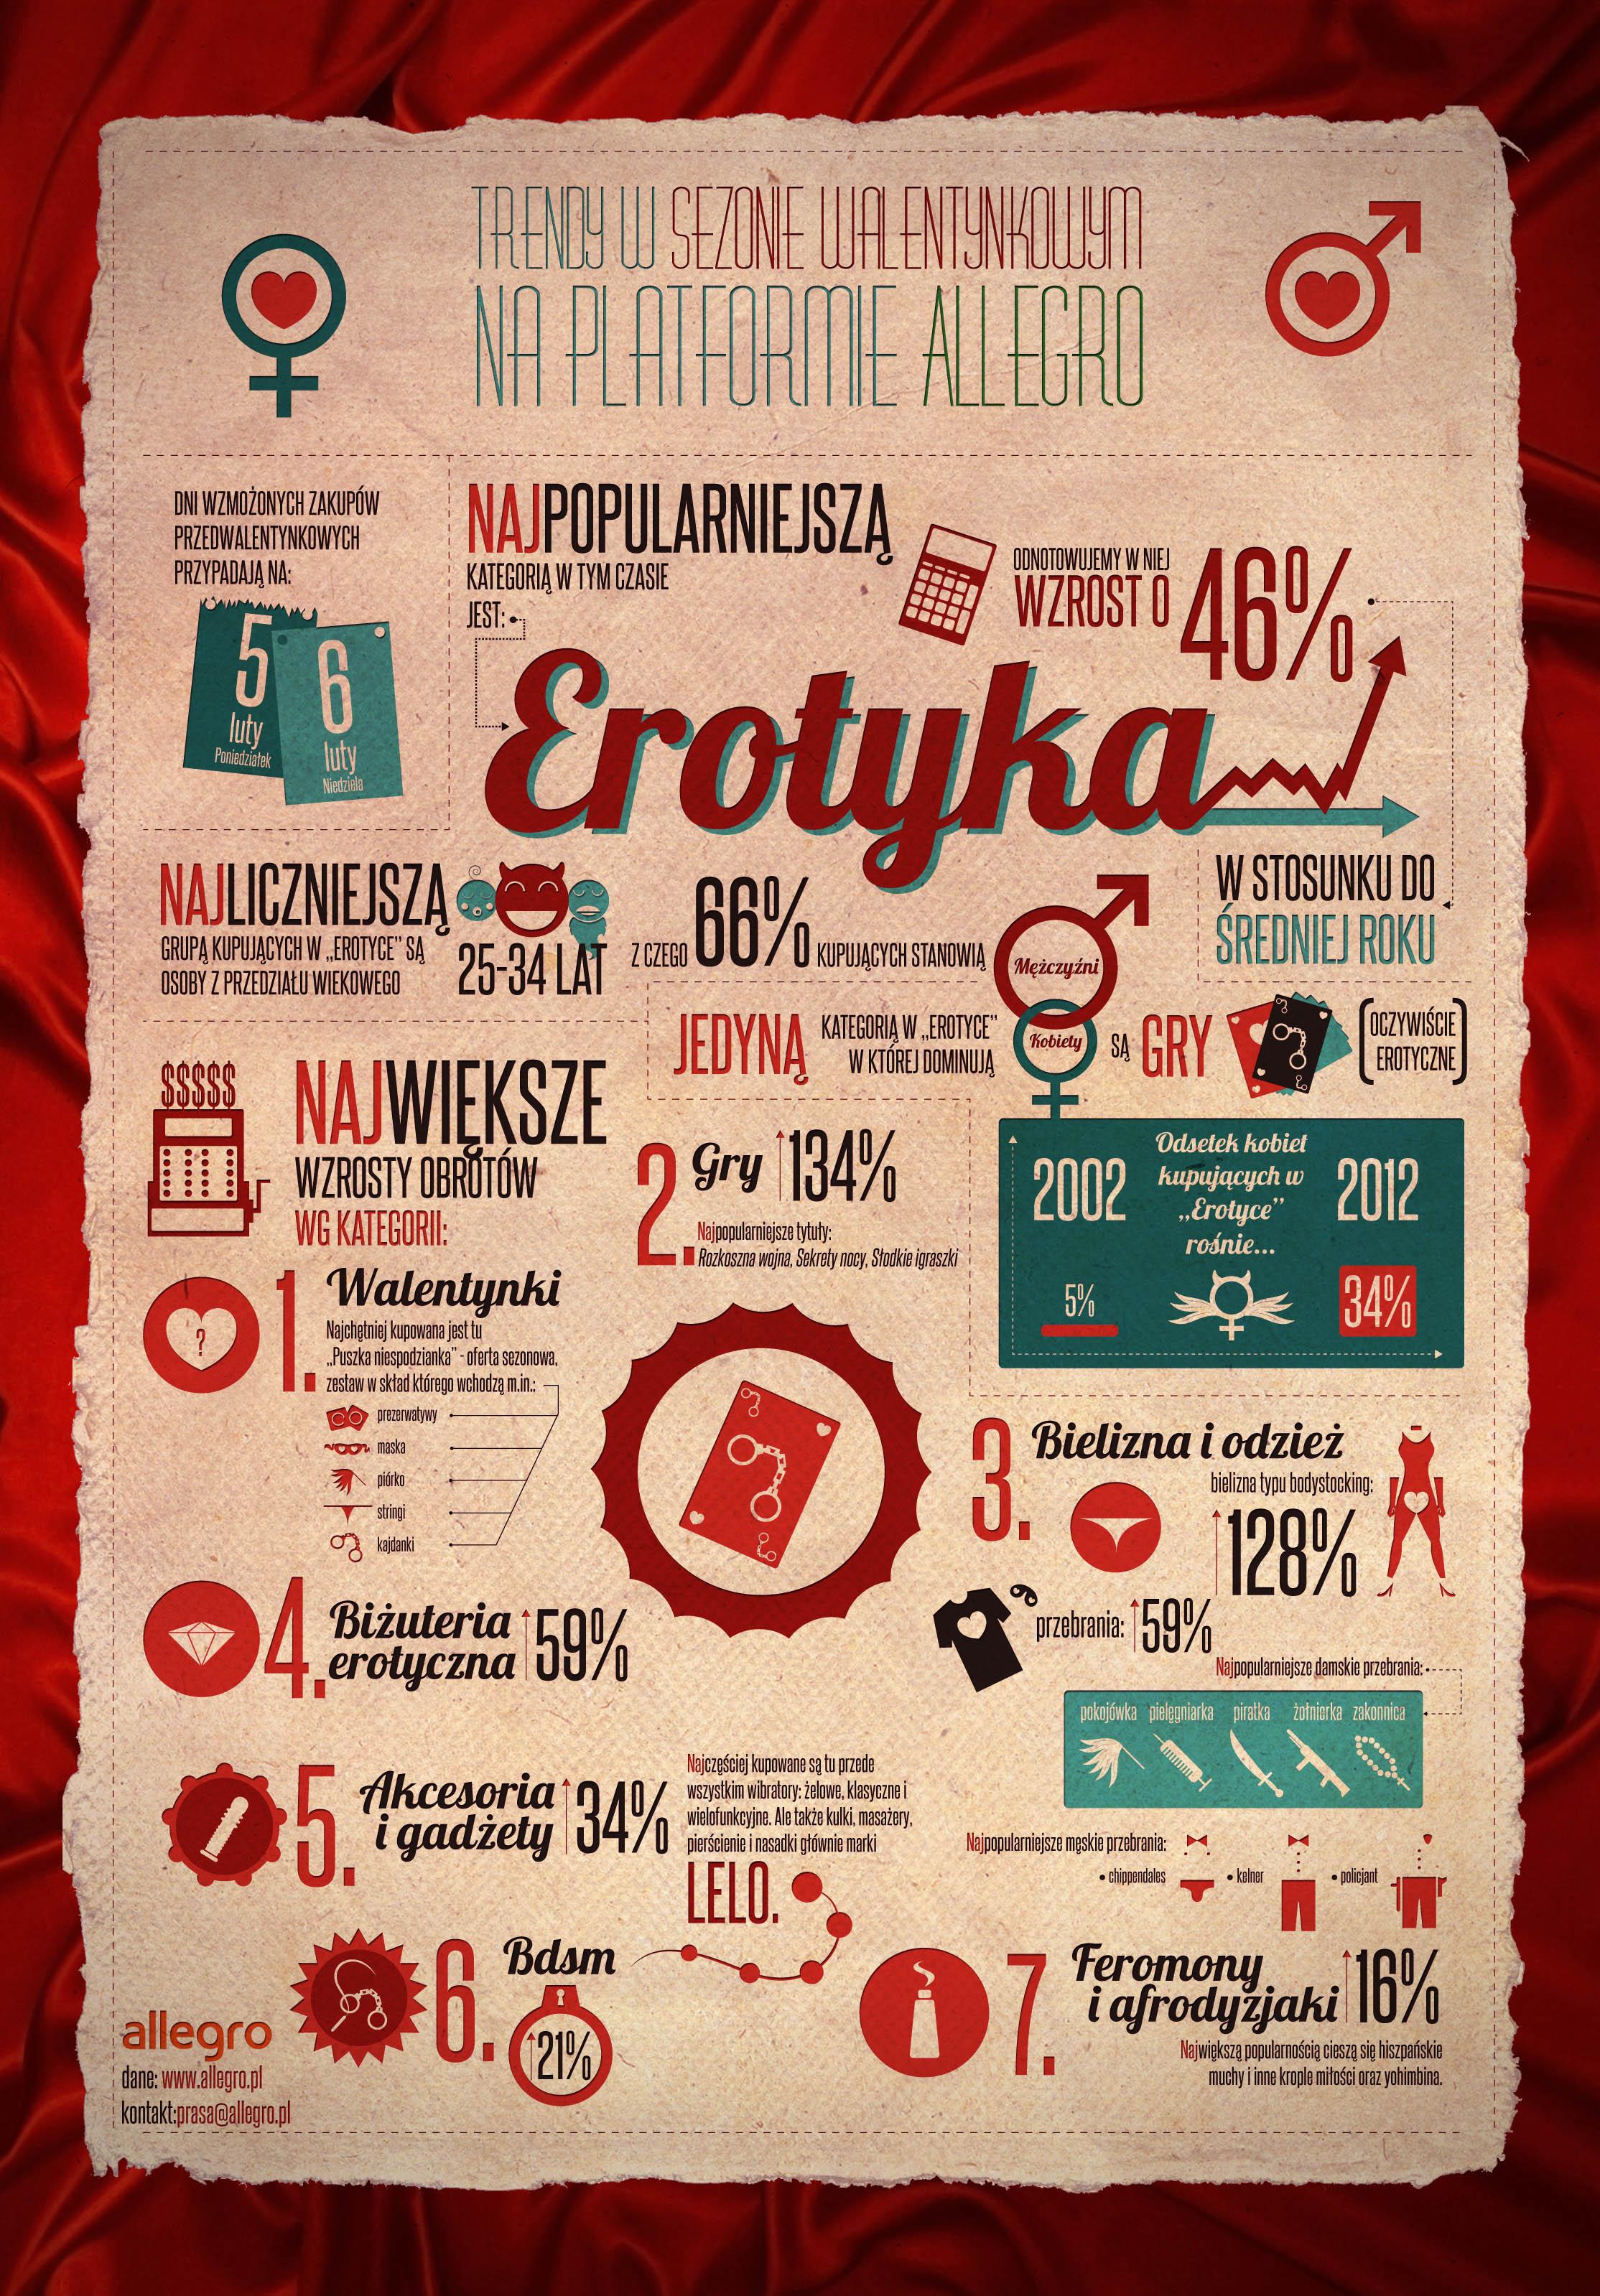 Erotyczne Walentynki 2012